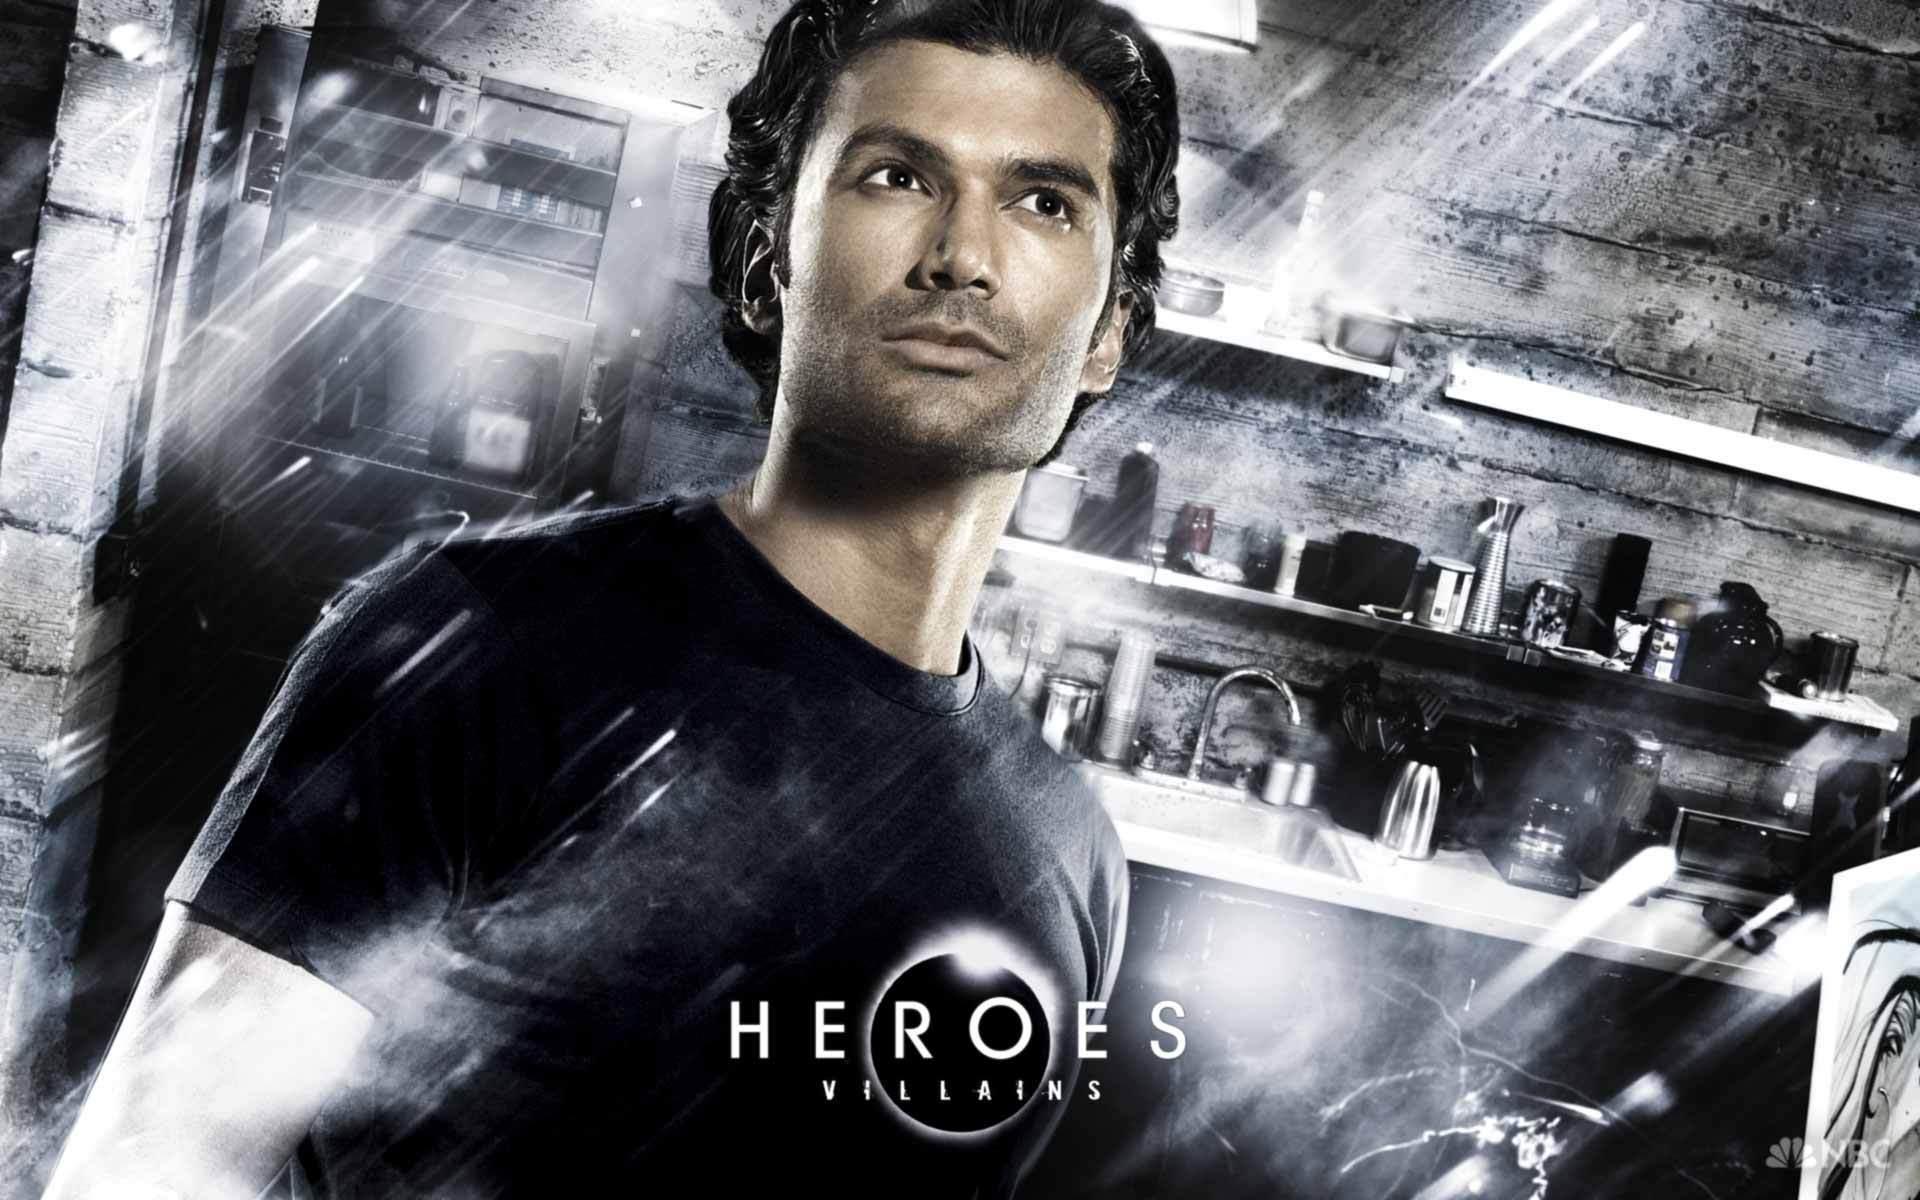 heroes s3 wallpaper - photo #5